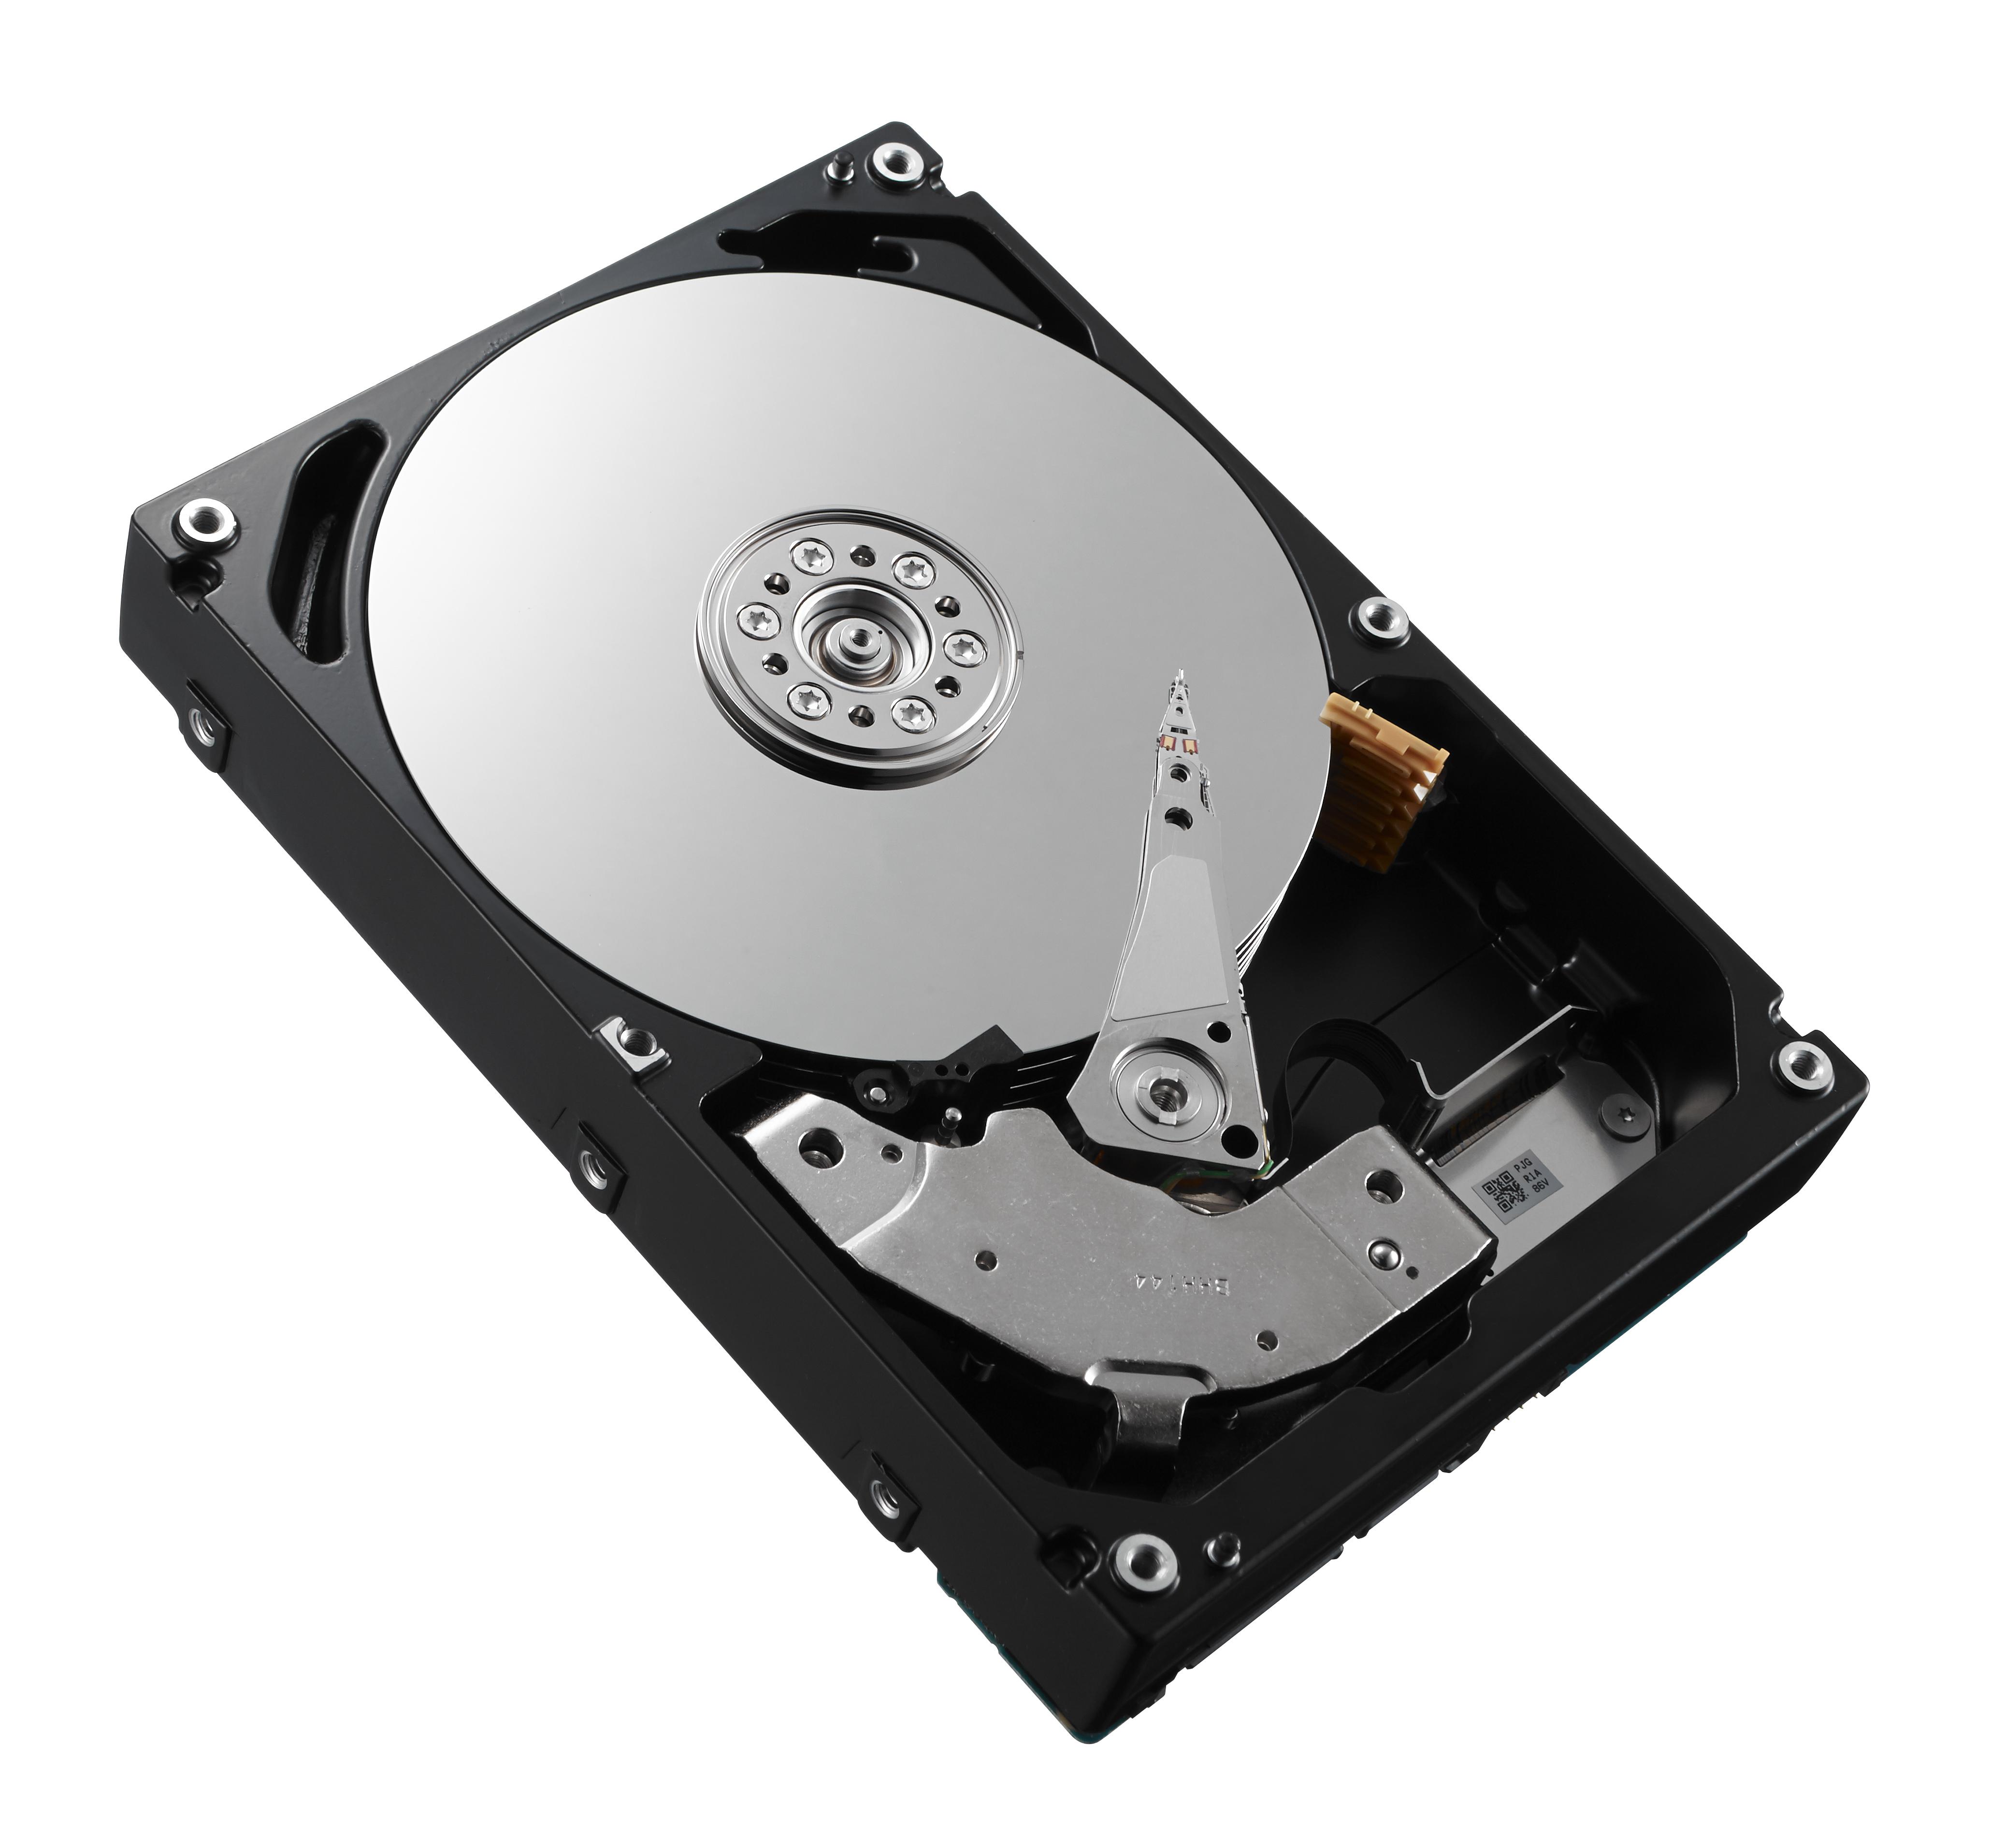 9PN2J DELL 600Gb 15K 3.5 6G SAS HDD Refurbished with 1 year warranty